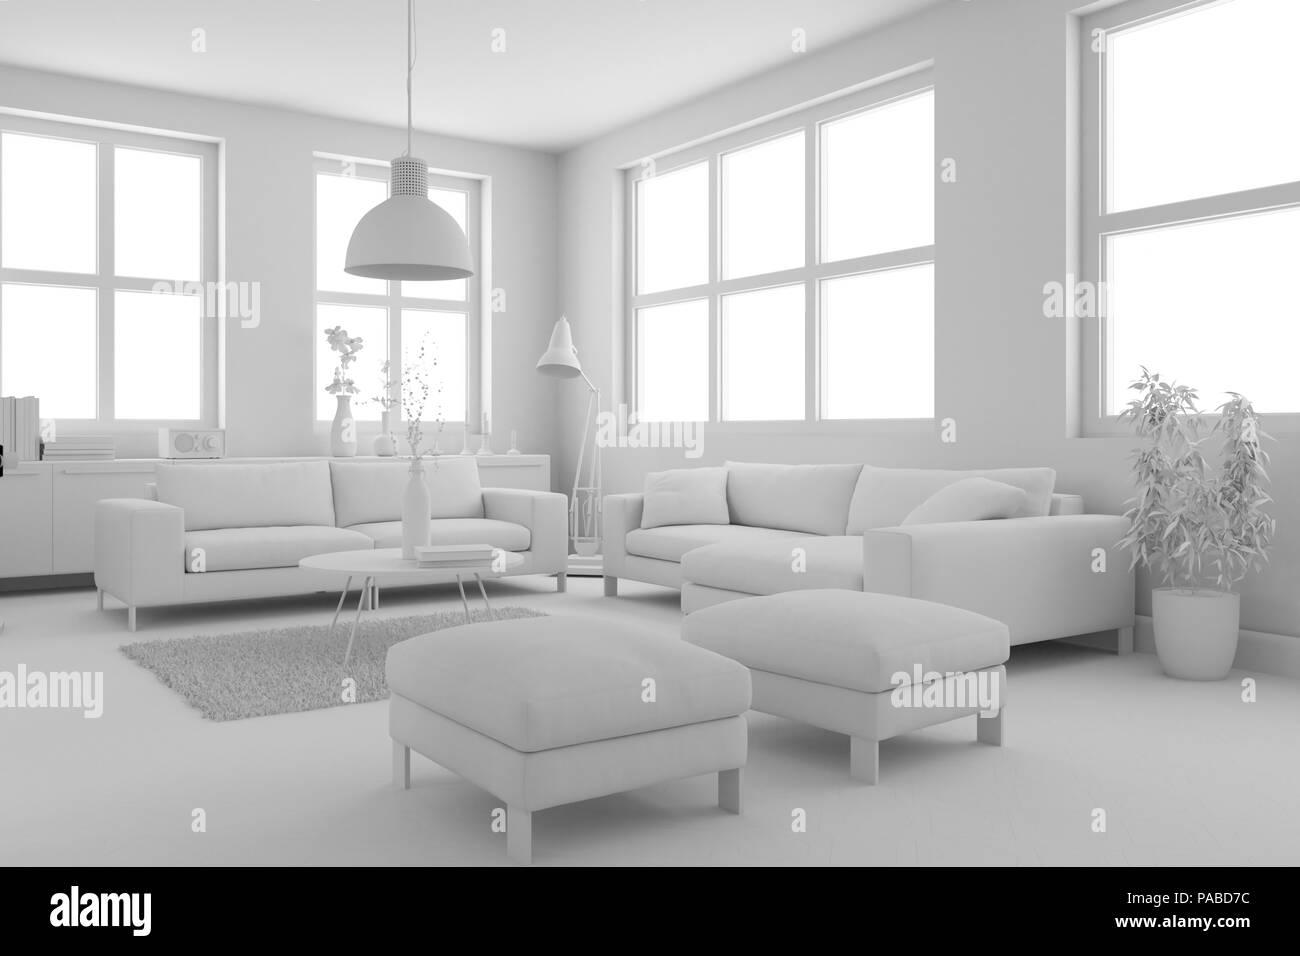 Modell Der Modernen Innenausbau Wohnzimmer